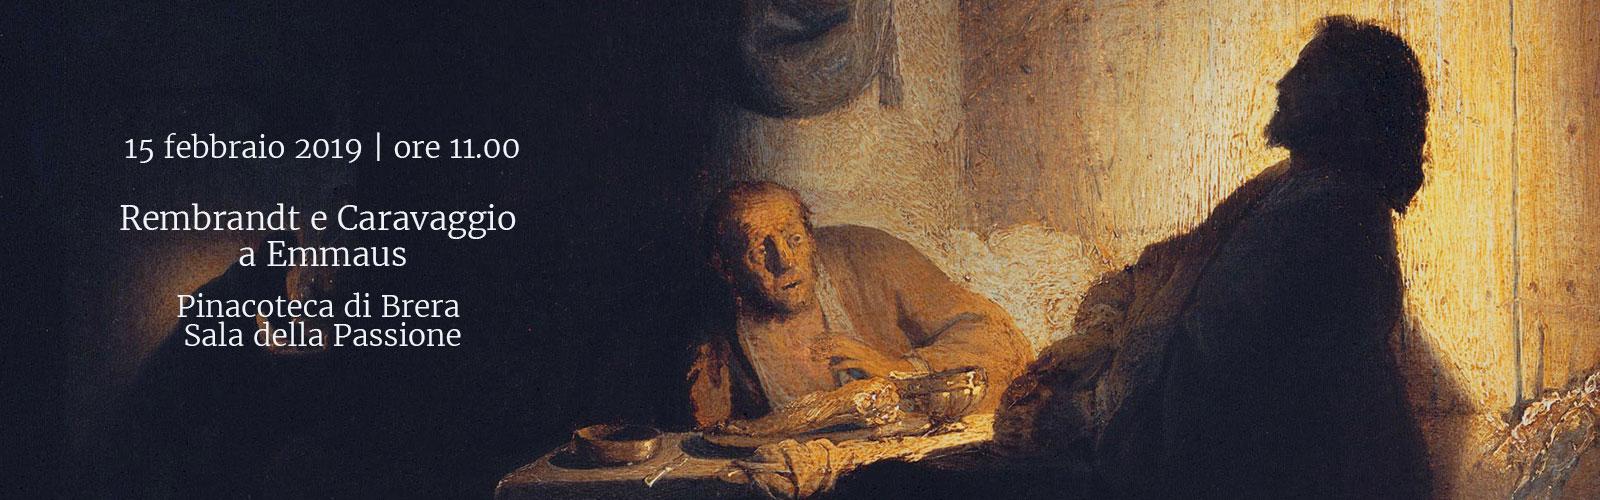 Rembrandt e Caravaggio a Emmaus